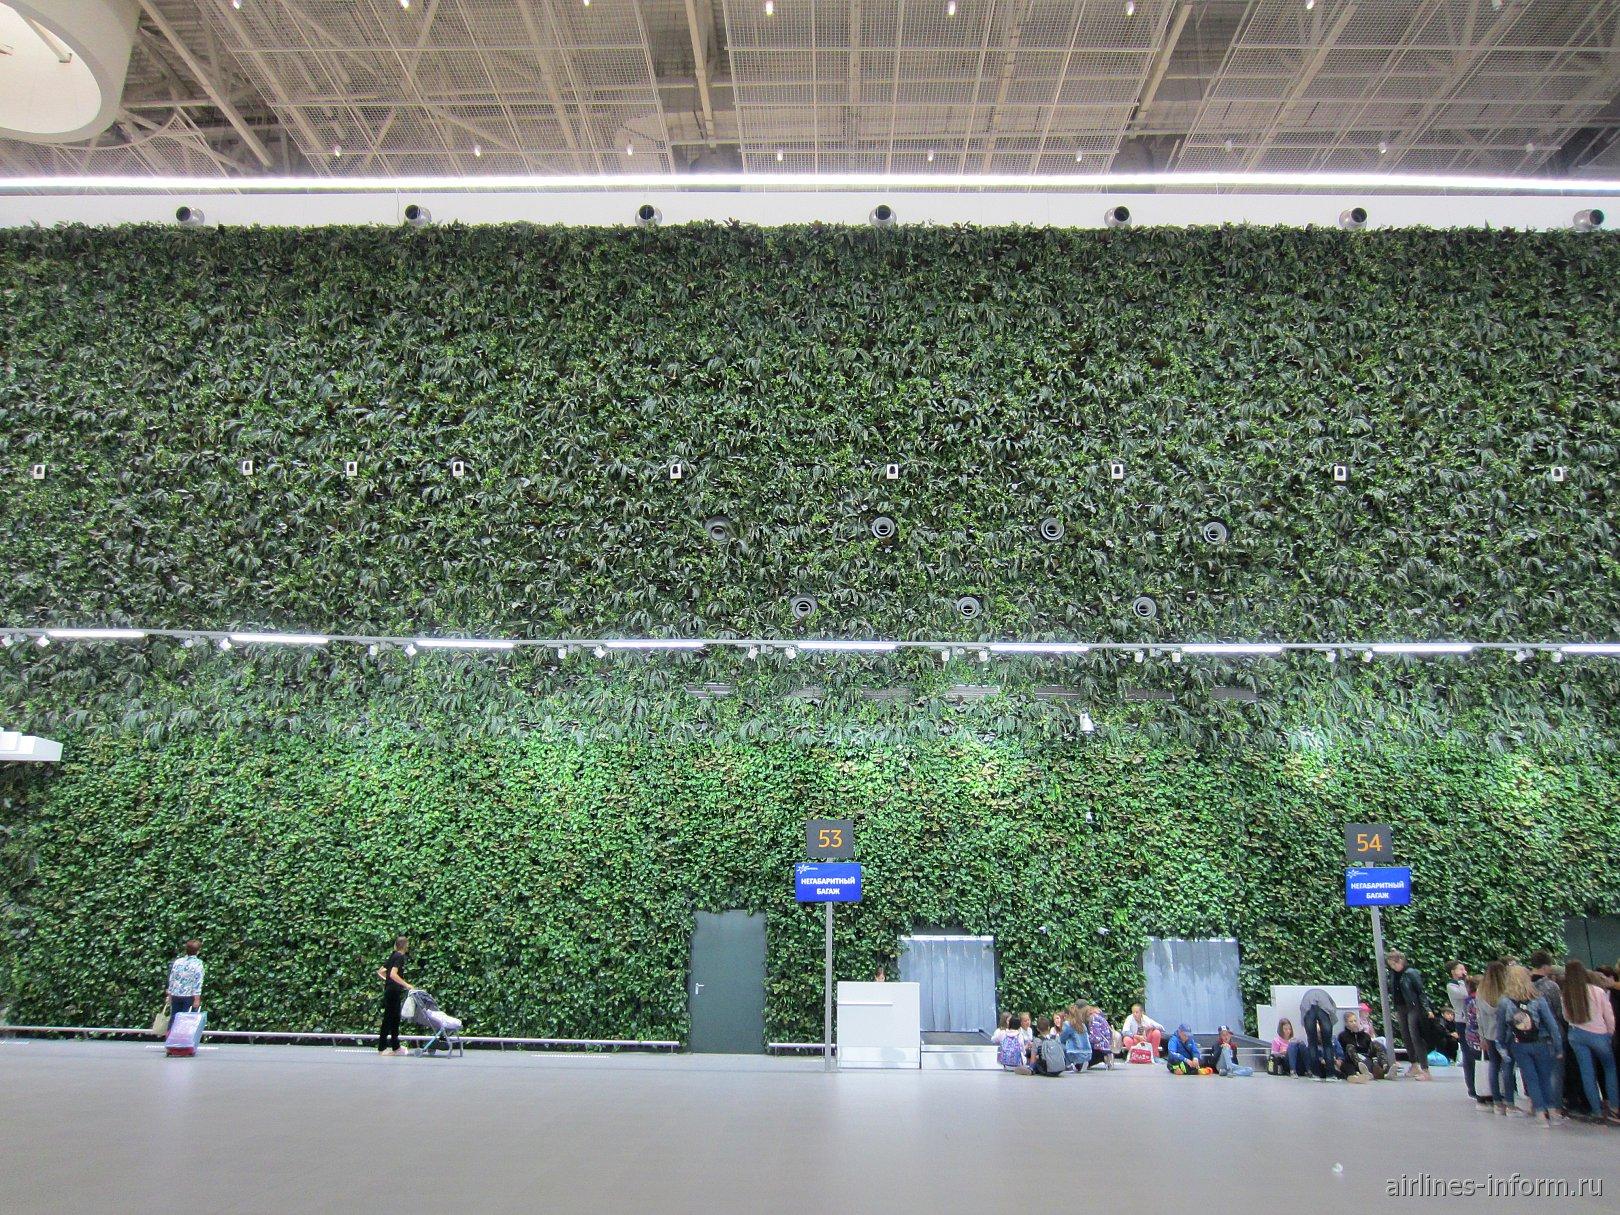 Стена из живых растений в новом пассажирском терминале аэропорта Симферополь